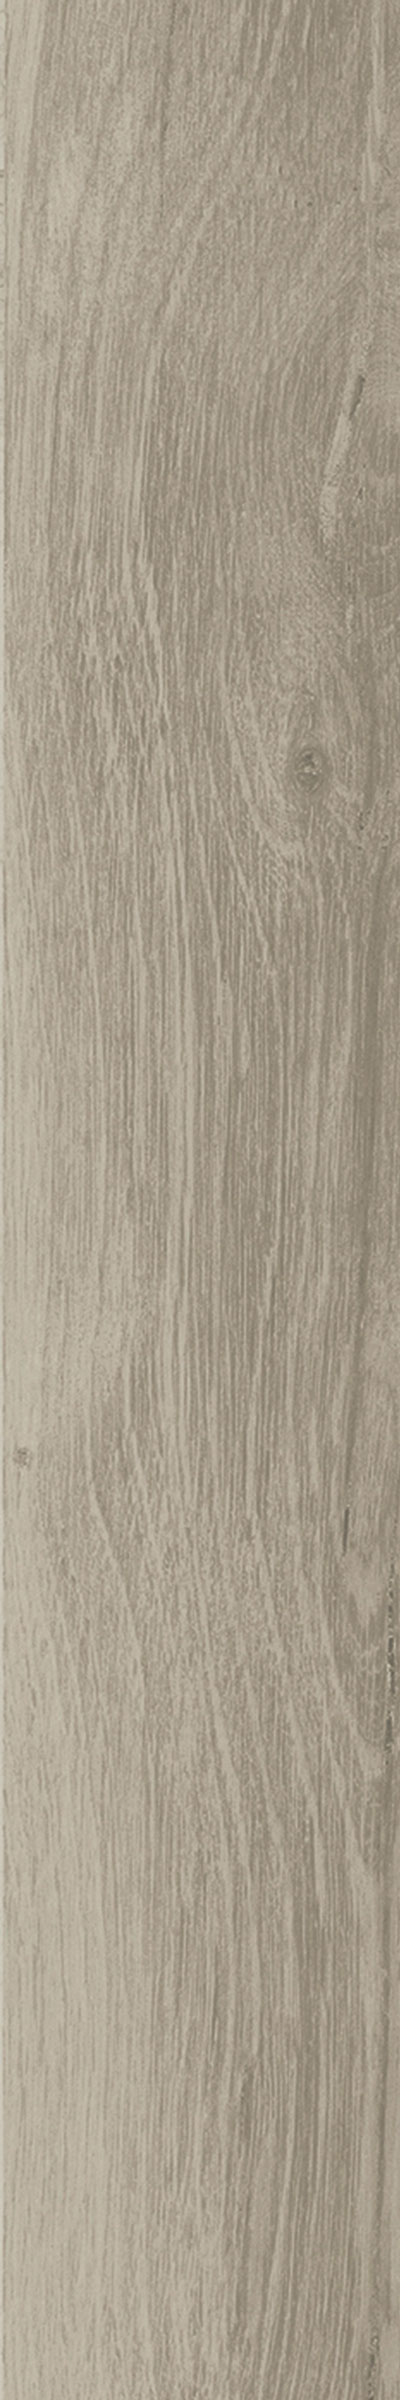 Castelvetro Rustic Grau 20x120 Boden-/Wandfliese Matt